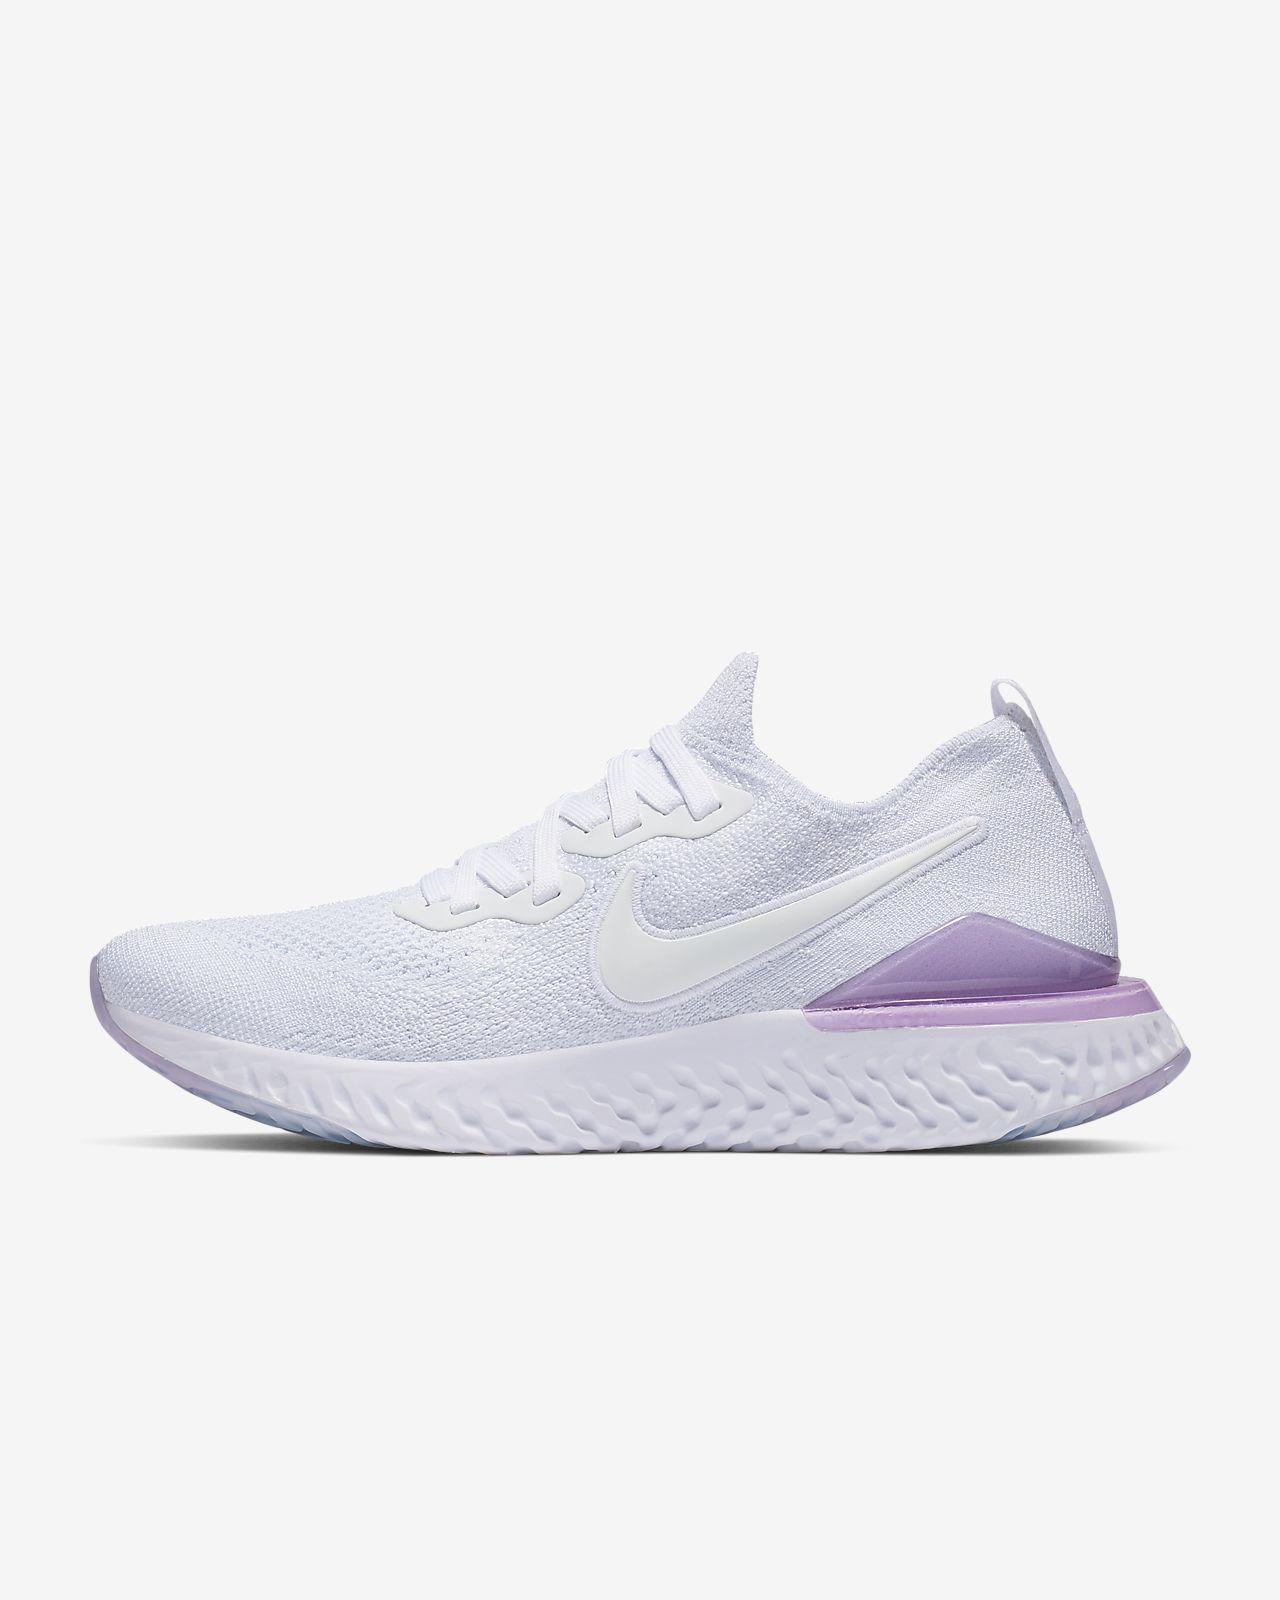 13514c8b2c8e0 Nike Epic React Flyknit 2 Women s Running Shoe. Nike.com NO